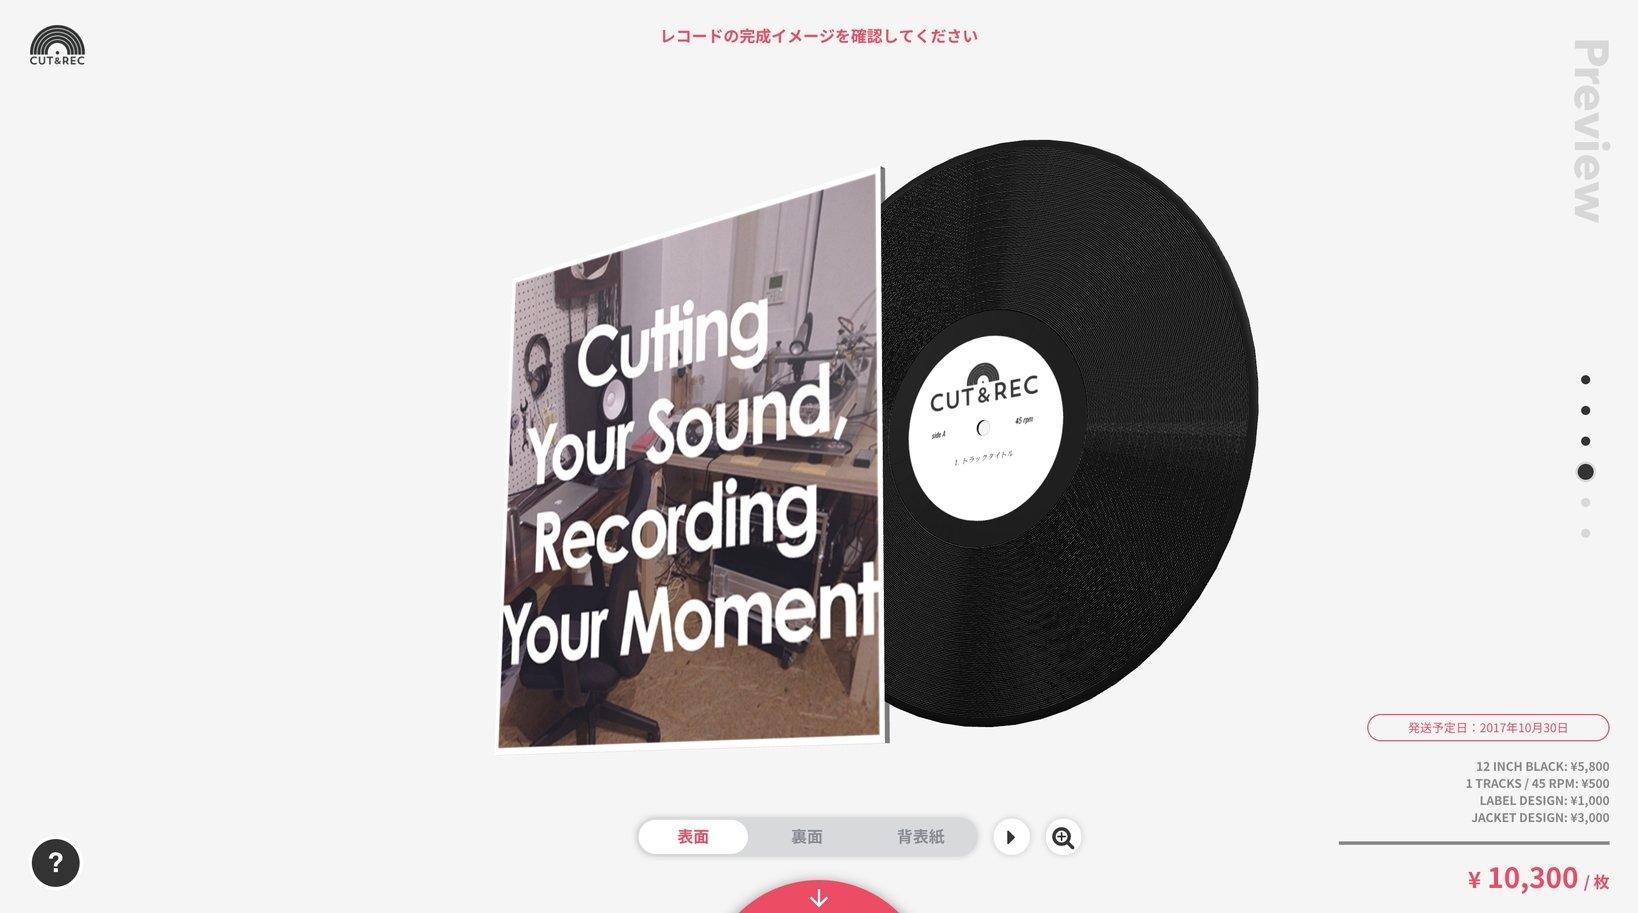 レコードの完成イメージは、360° の3Dプレビューで確認できます。